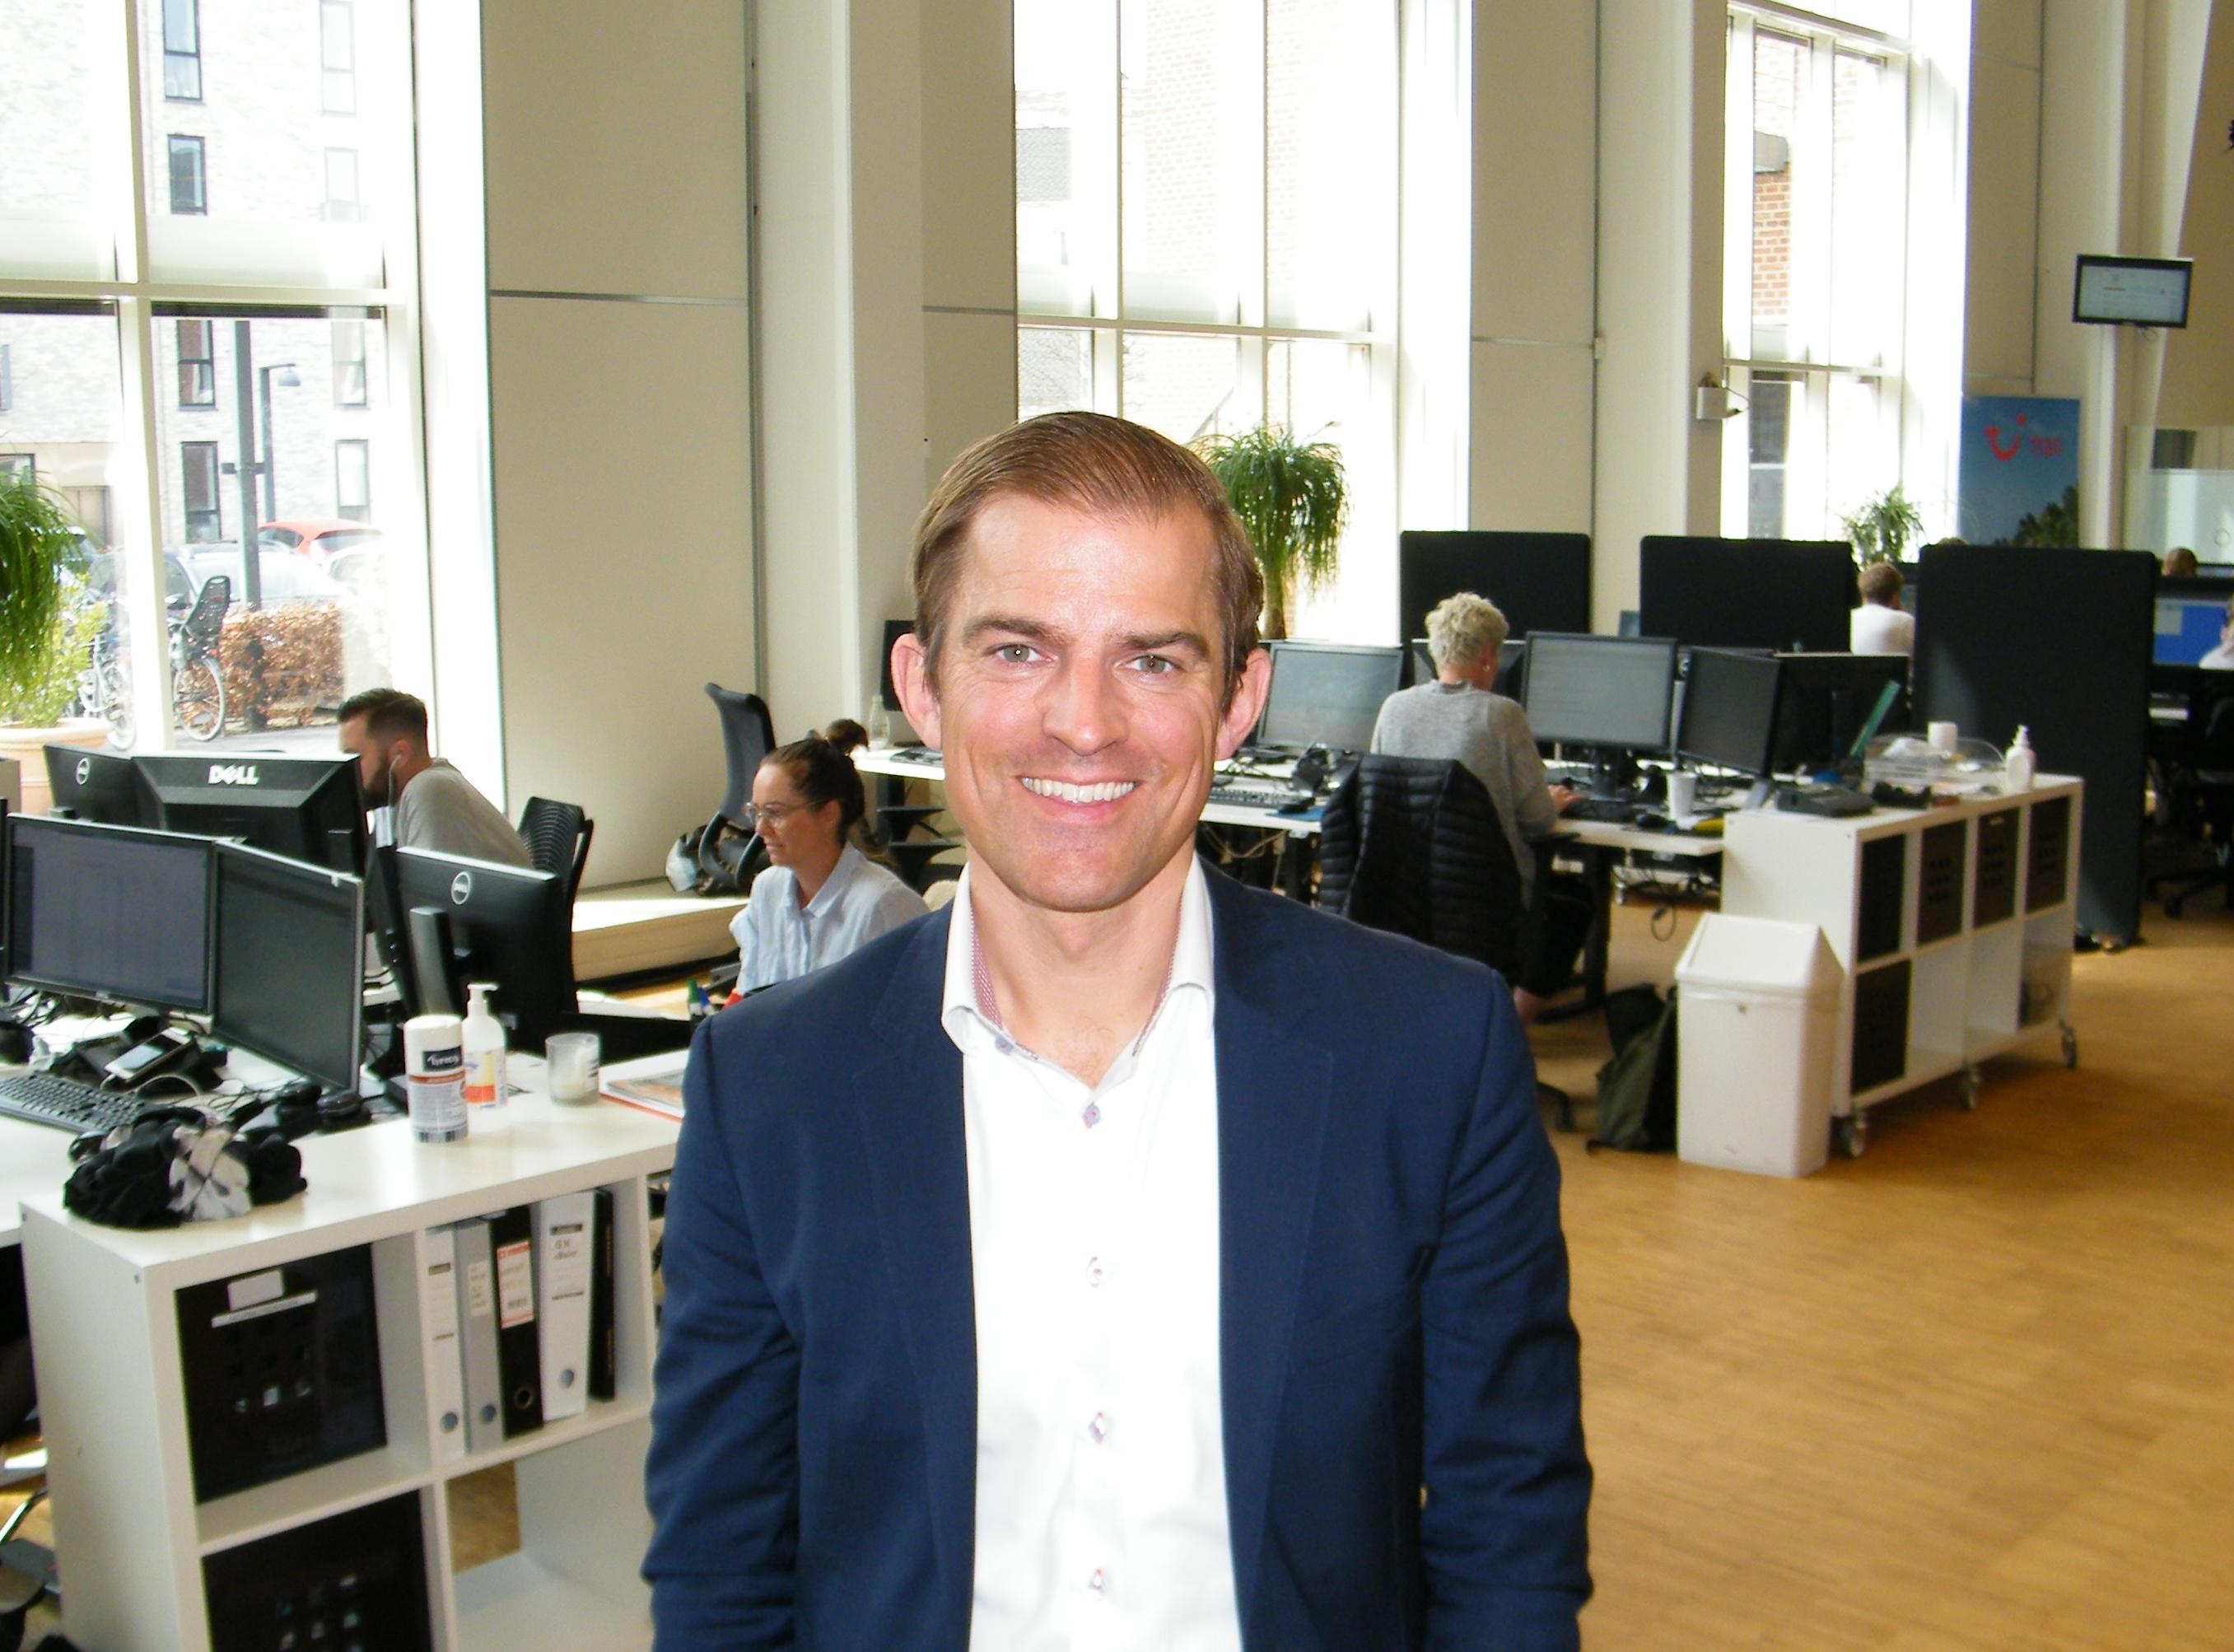 Den 37-årige svenske Alexander Huber har i 1½ år stået i spidsen for TUI i Norden. Her er han i TUI's danske hovedkvarter i Valby ved København. Foto: Henrik Baumgarten.